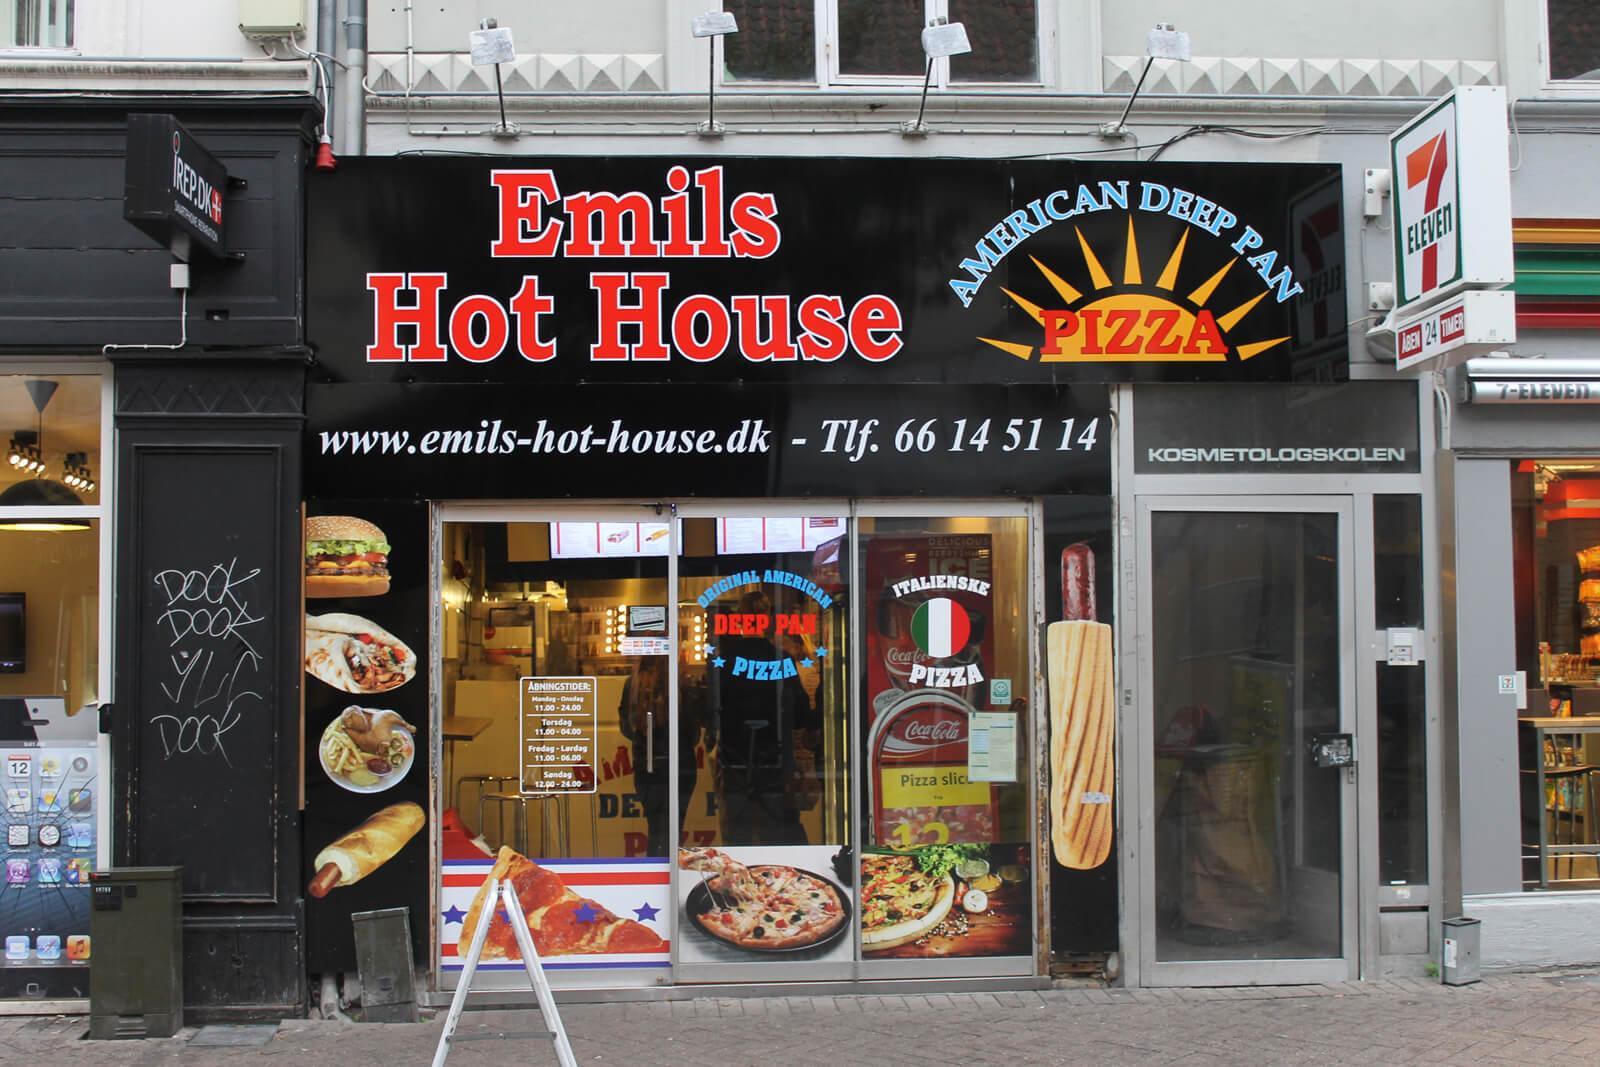 Фас-фуд Emils Hot House